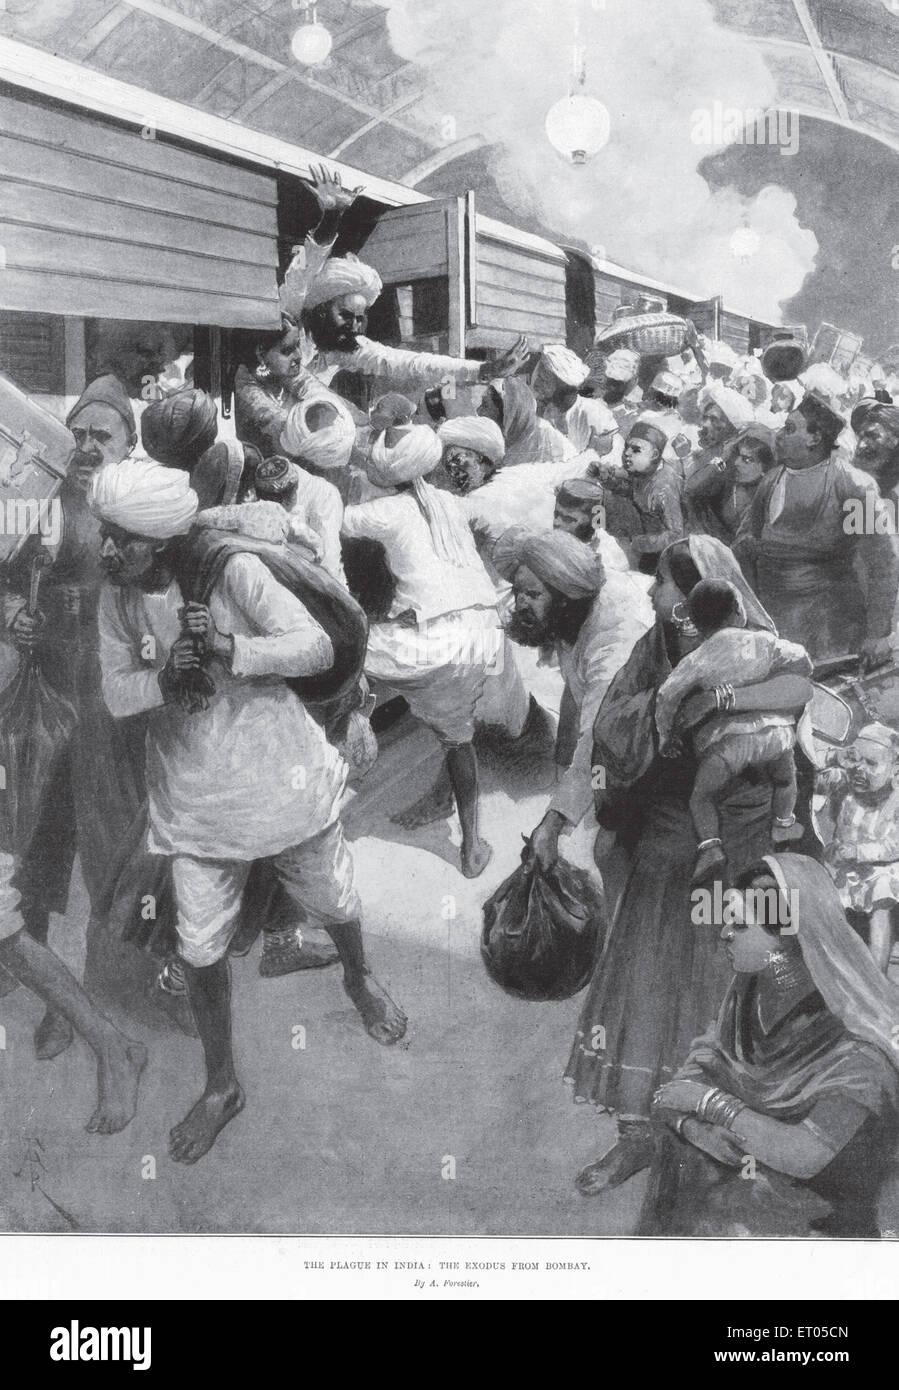 The plague epidemic ; the exodus from Bombay now Mumbai ; Maharashtra ; India - Stock Image